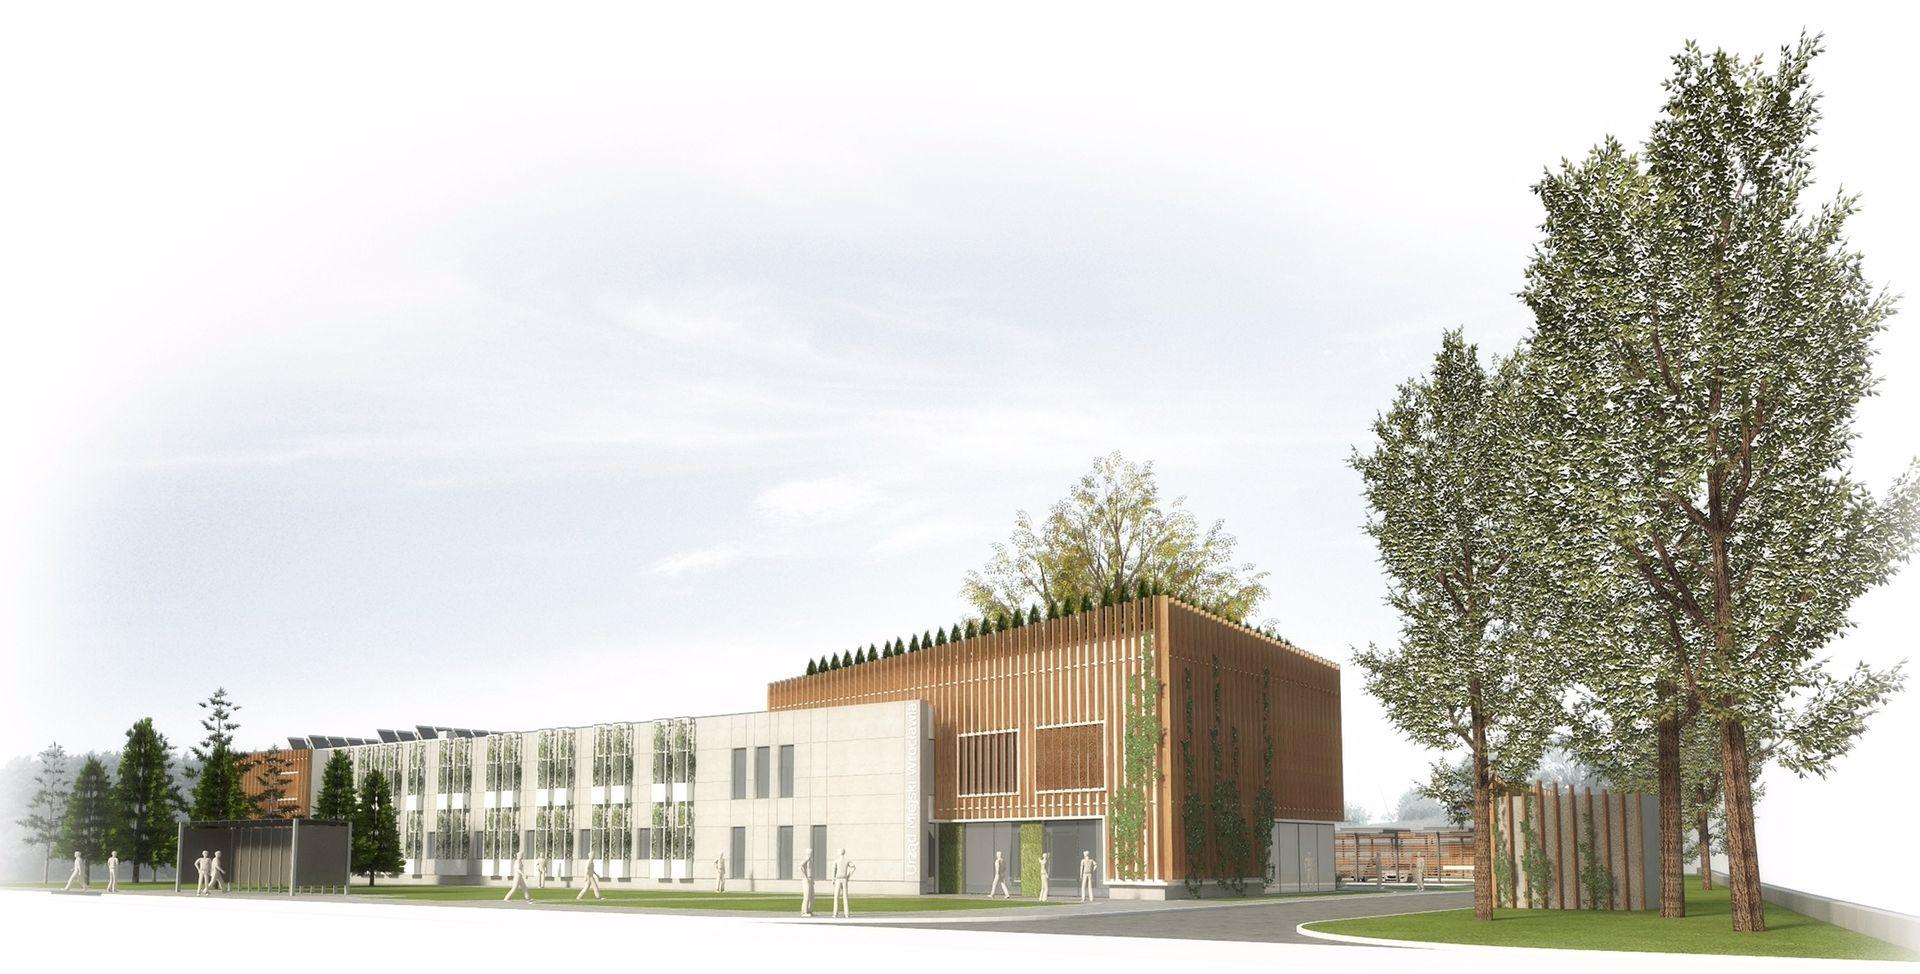 [Wrocław] Jeden chętny na budowę eko-kompleksu przy Hubskiej. Chce dużo więcej niż daje miasto